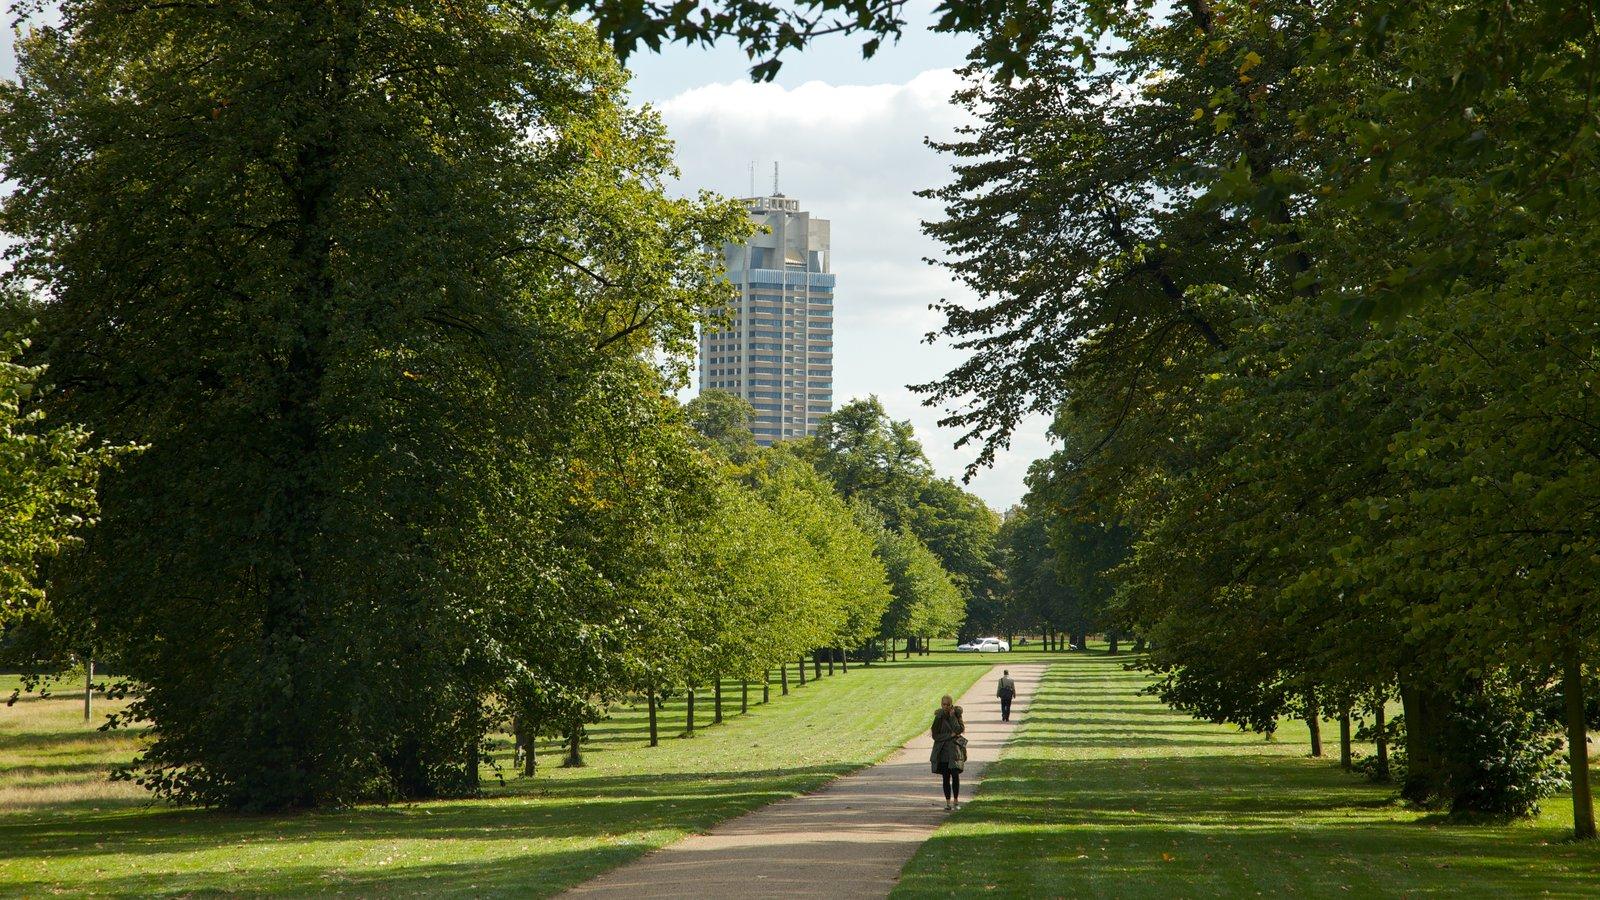 Kensington gardens pictures view photos images of for Kensington park